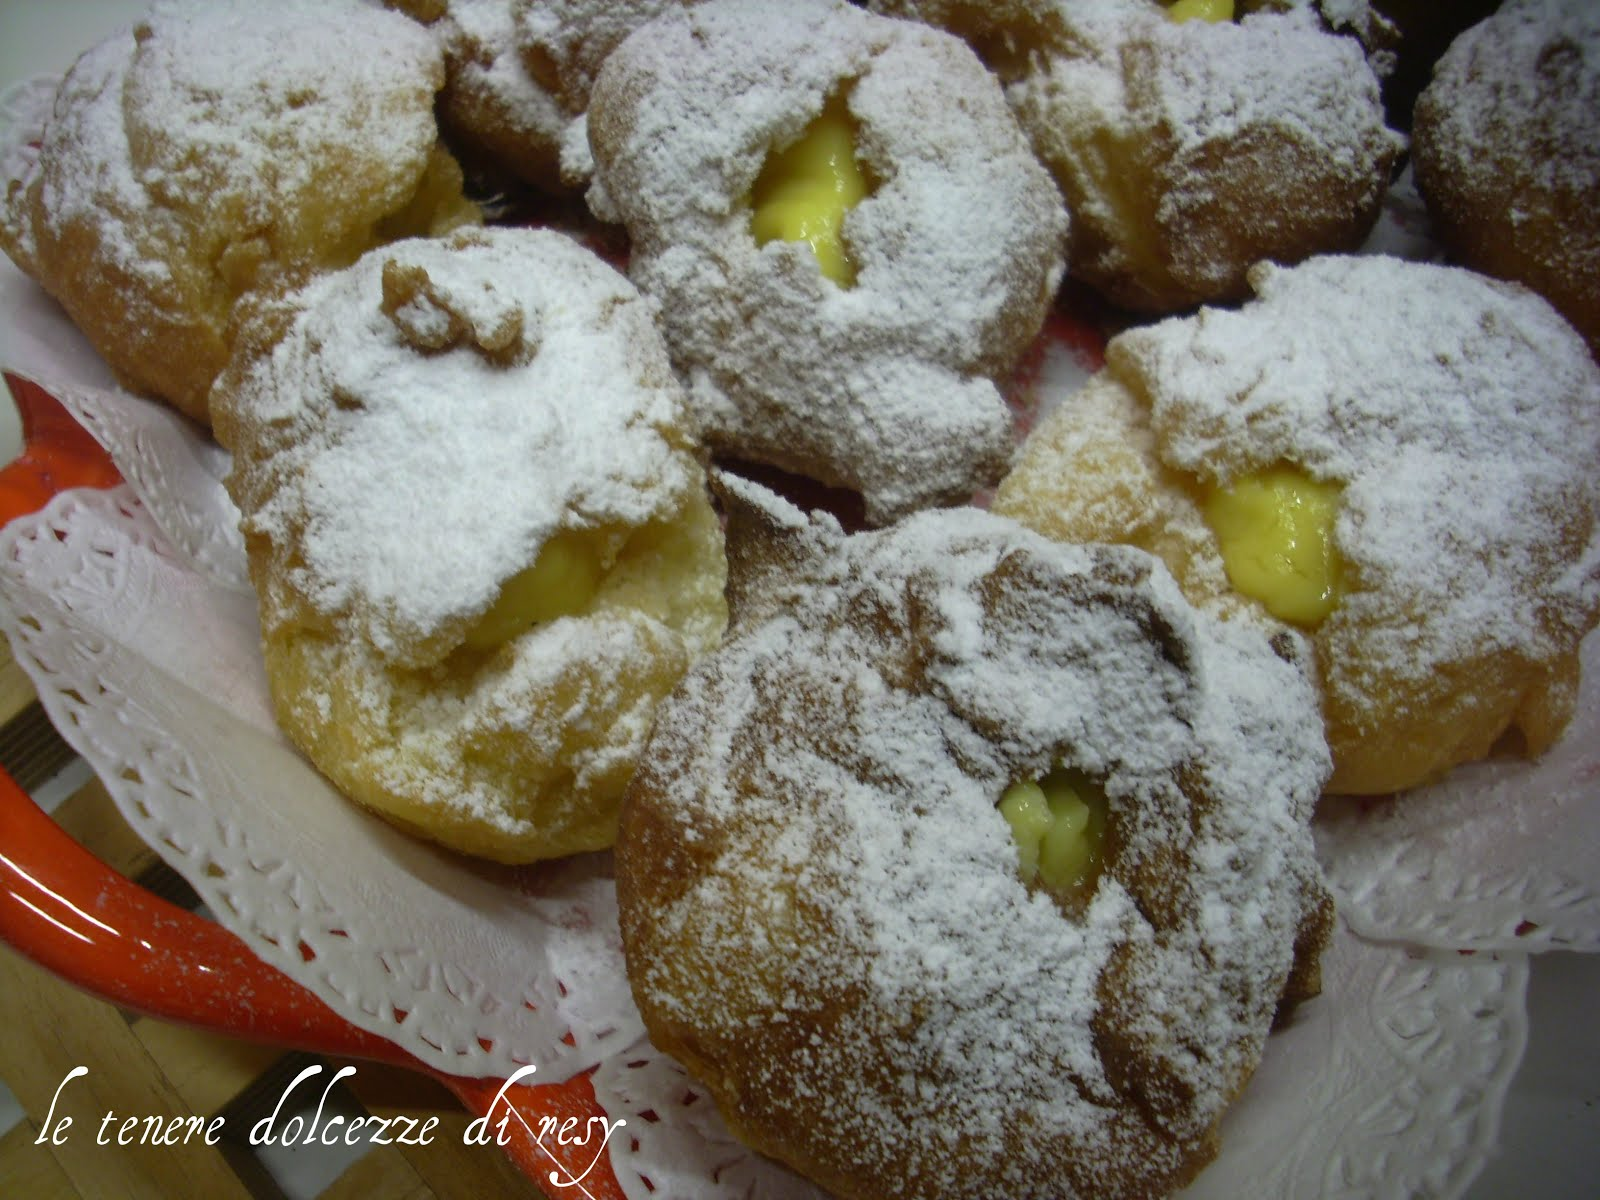 Le tenere dolcezze di resy bign fritti ripieni di crema for Dolci romani